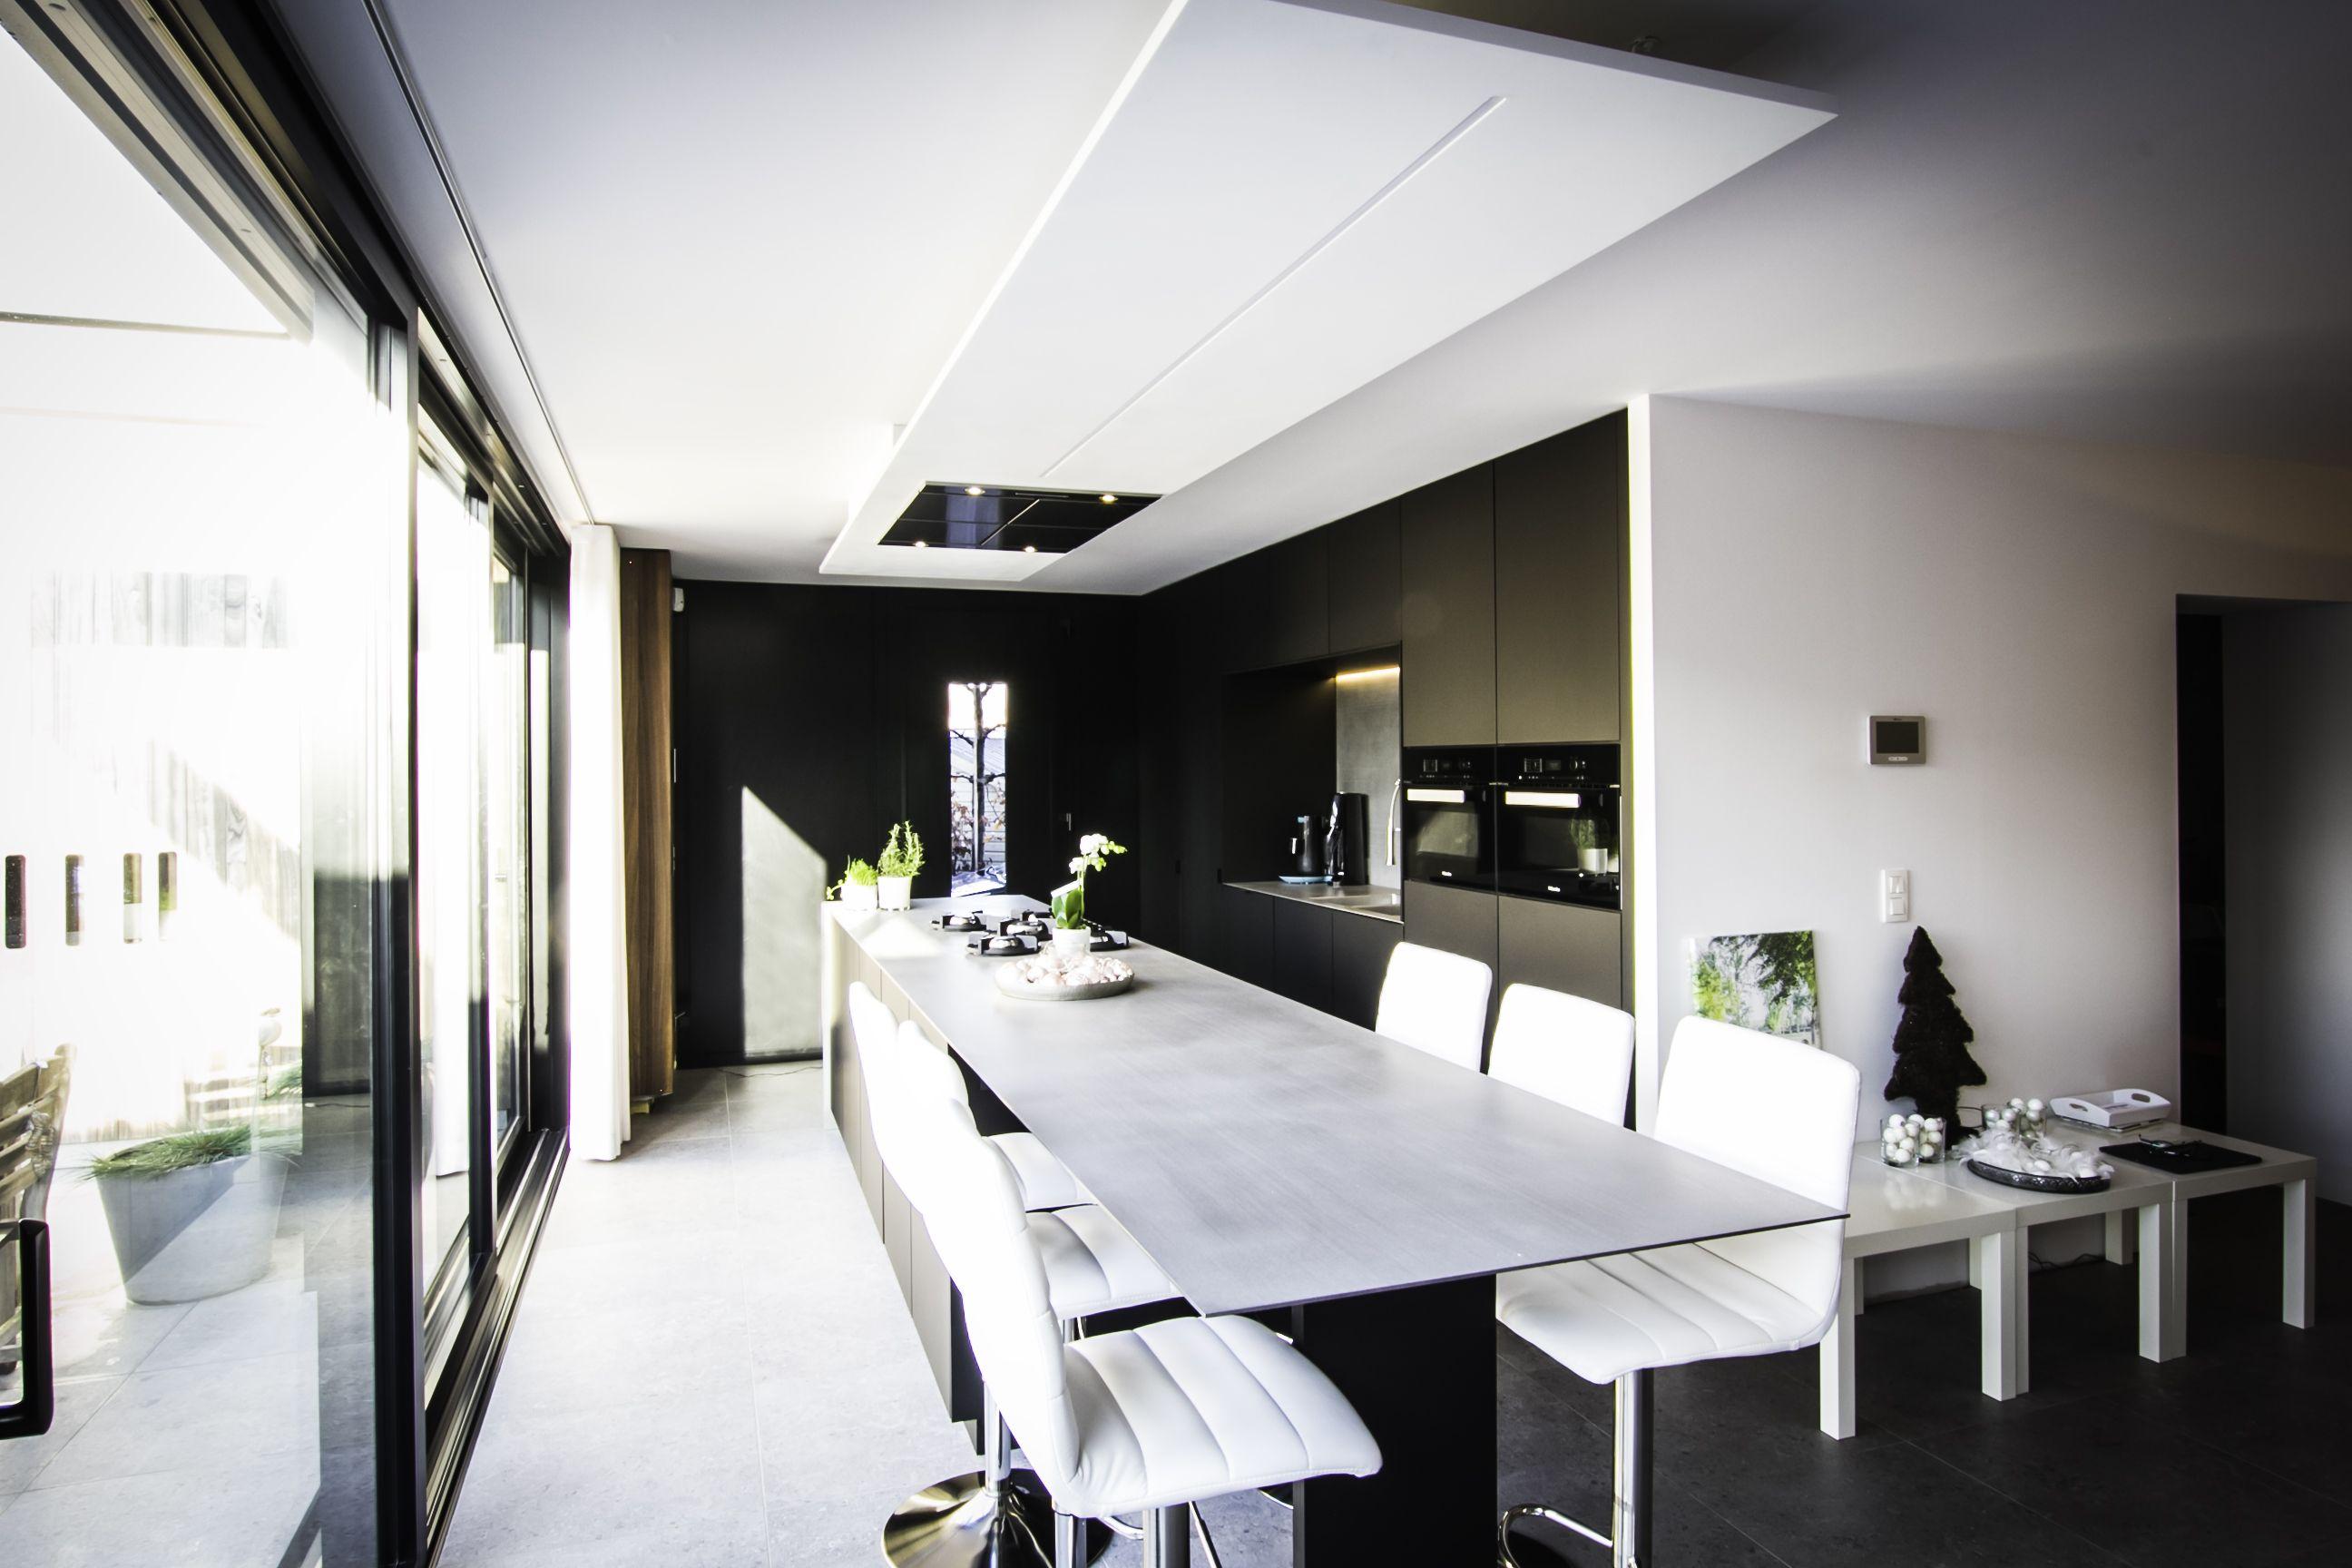 Open Keuken Inspiratie : Interieurinspiratie en keukeninspiratie door de moderne open